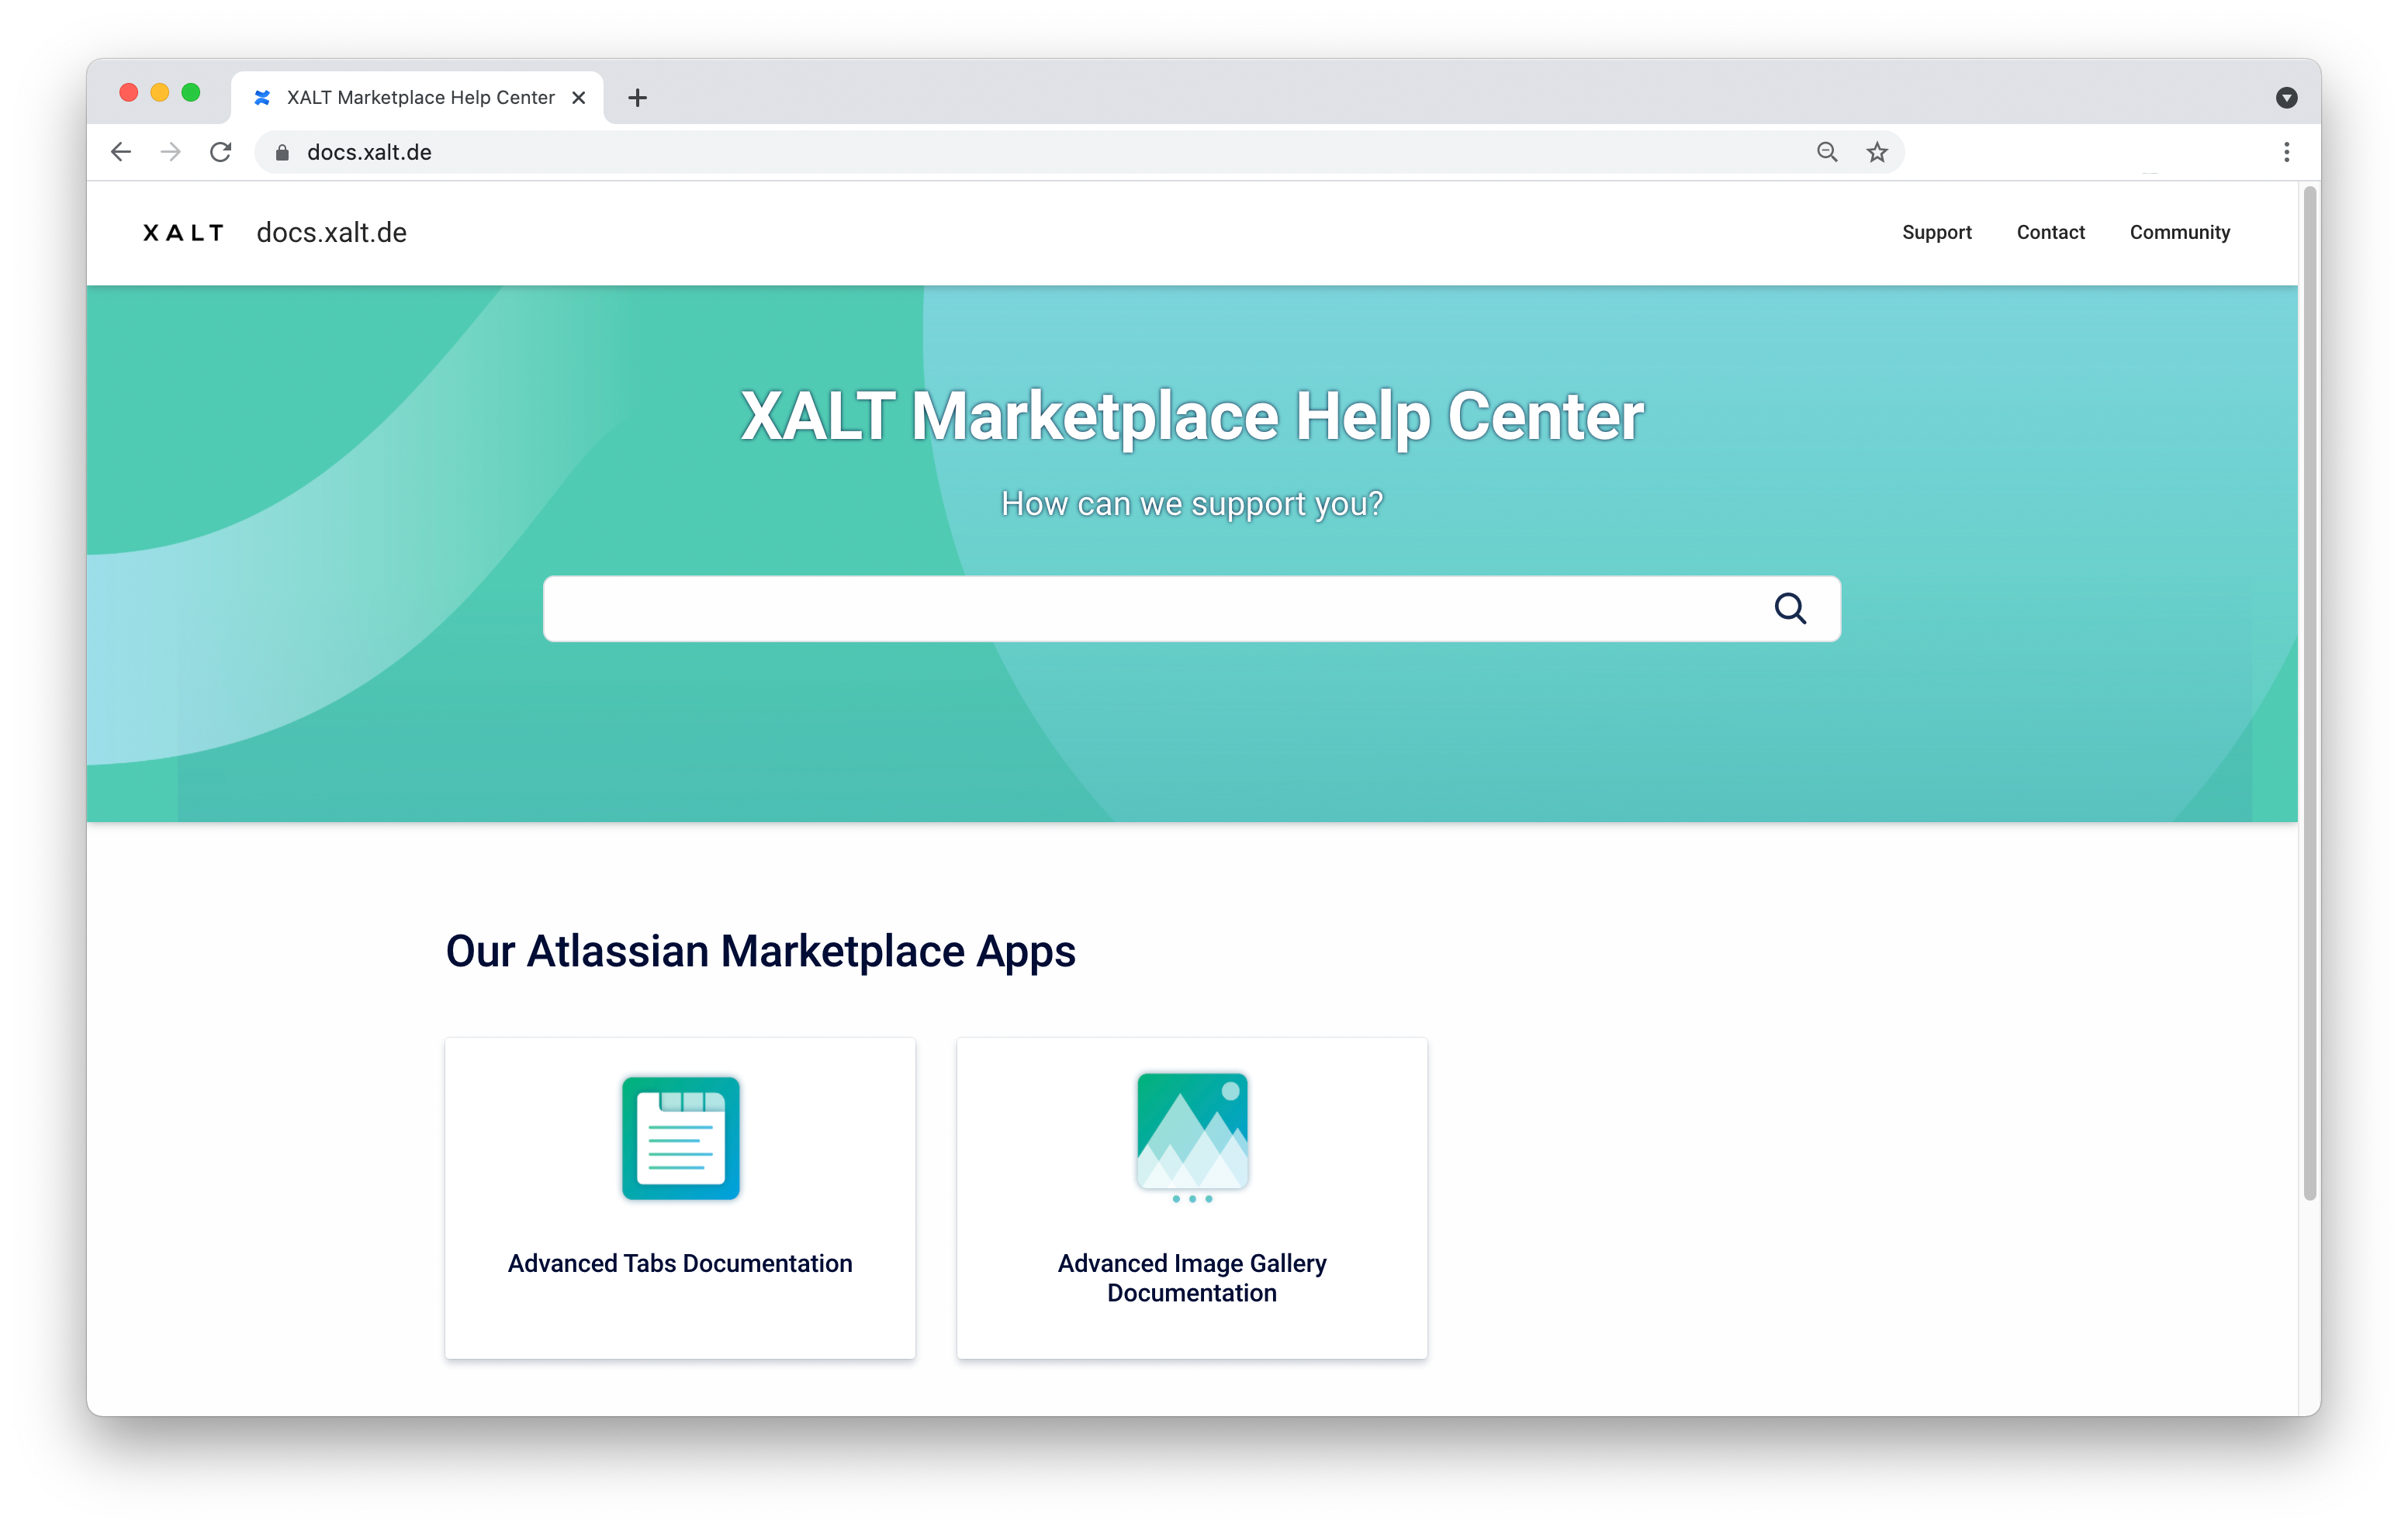 xalt_confluence_help_center_2